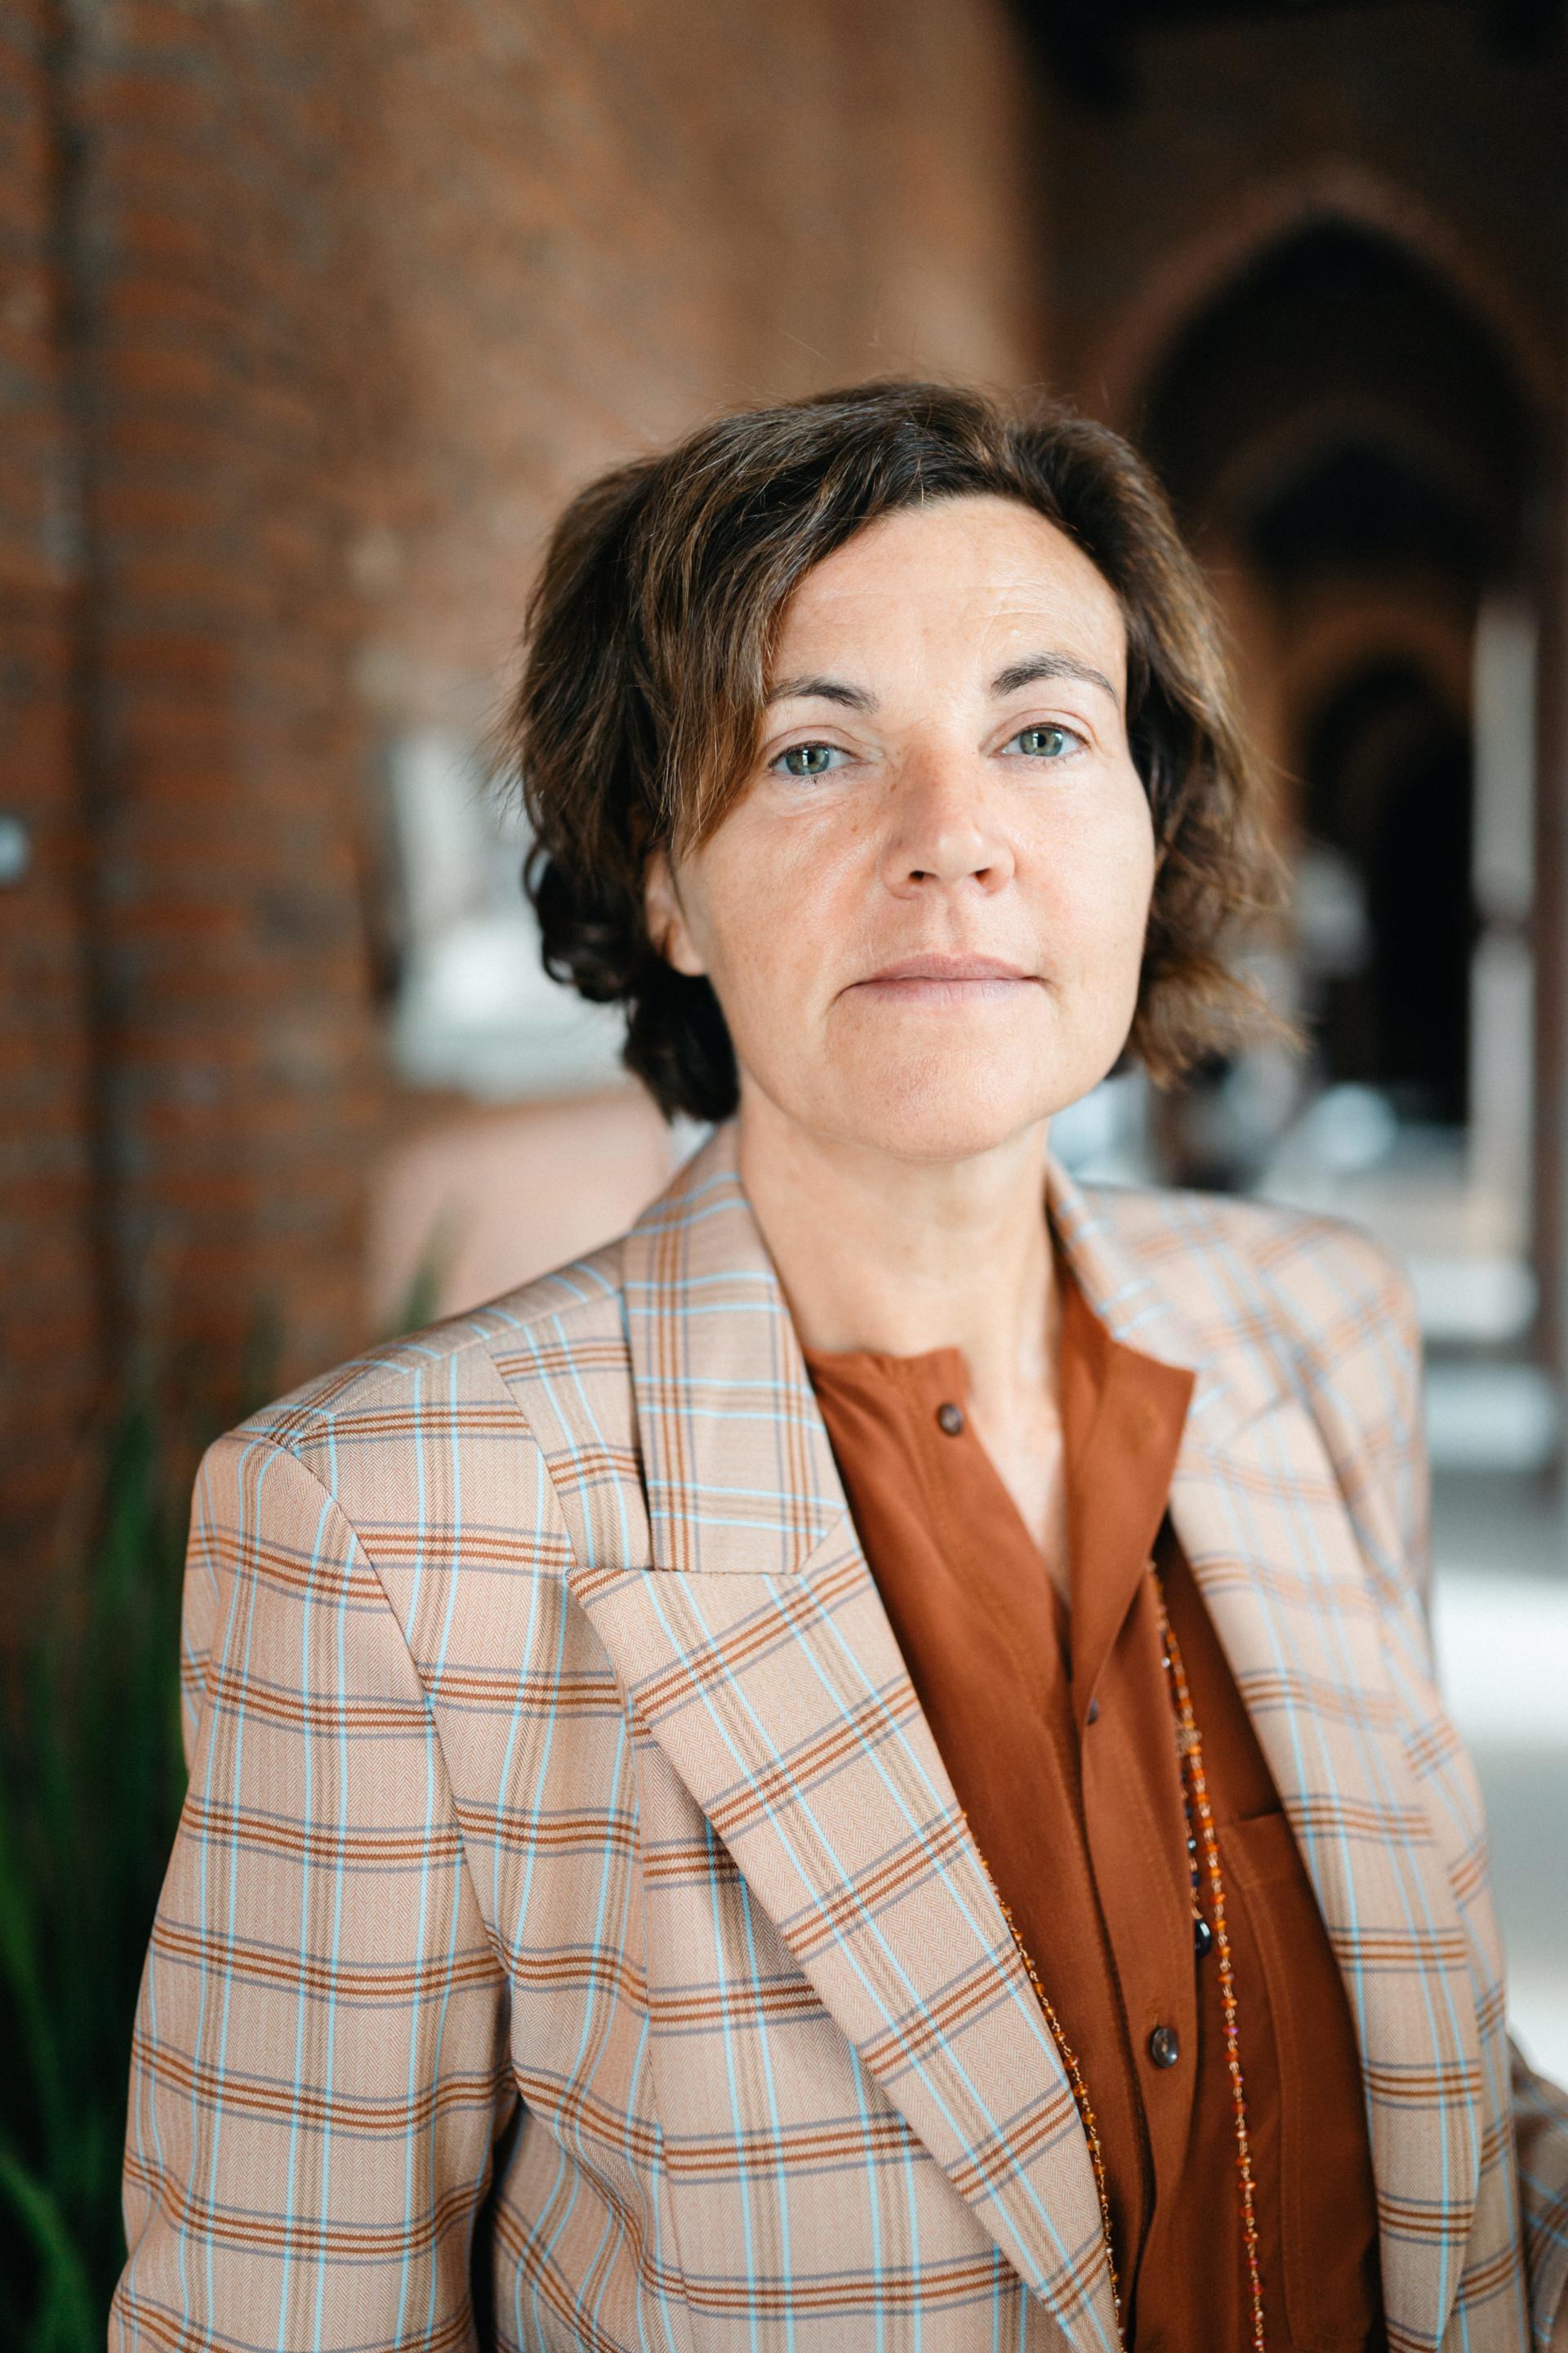 Heidi van Sebroeck van Interieurkabinet.be